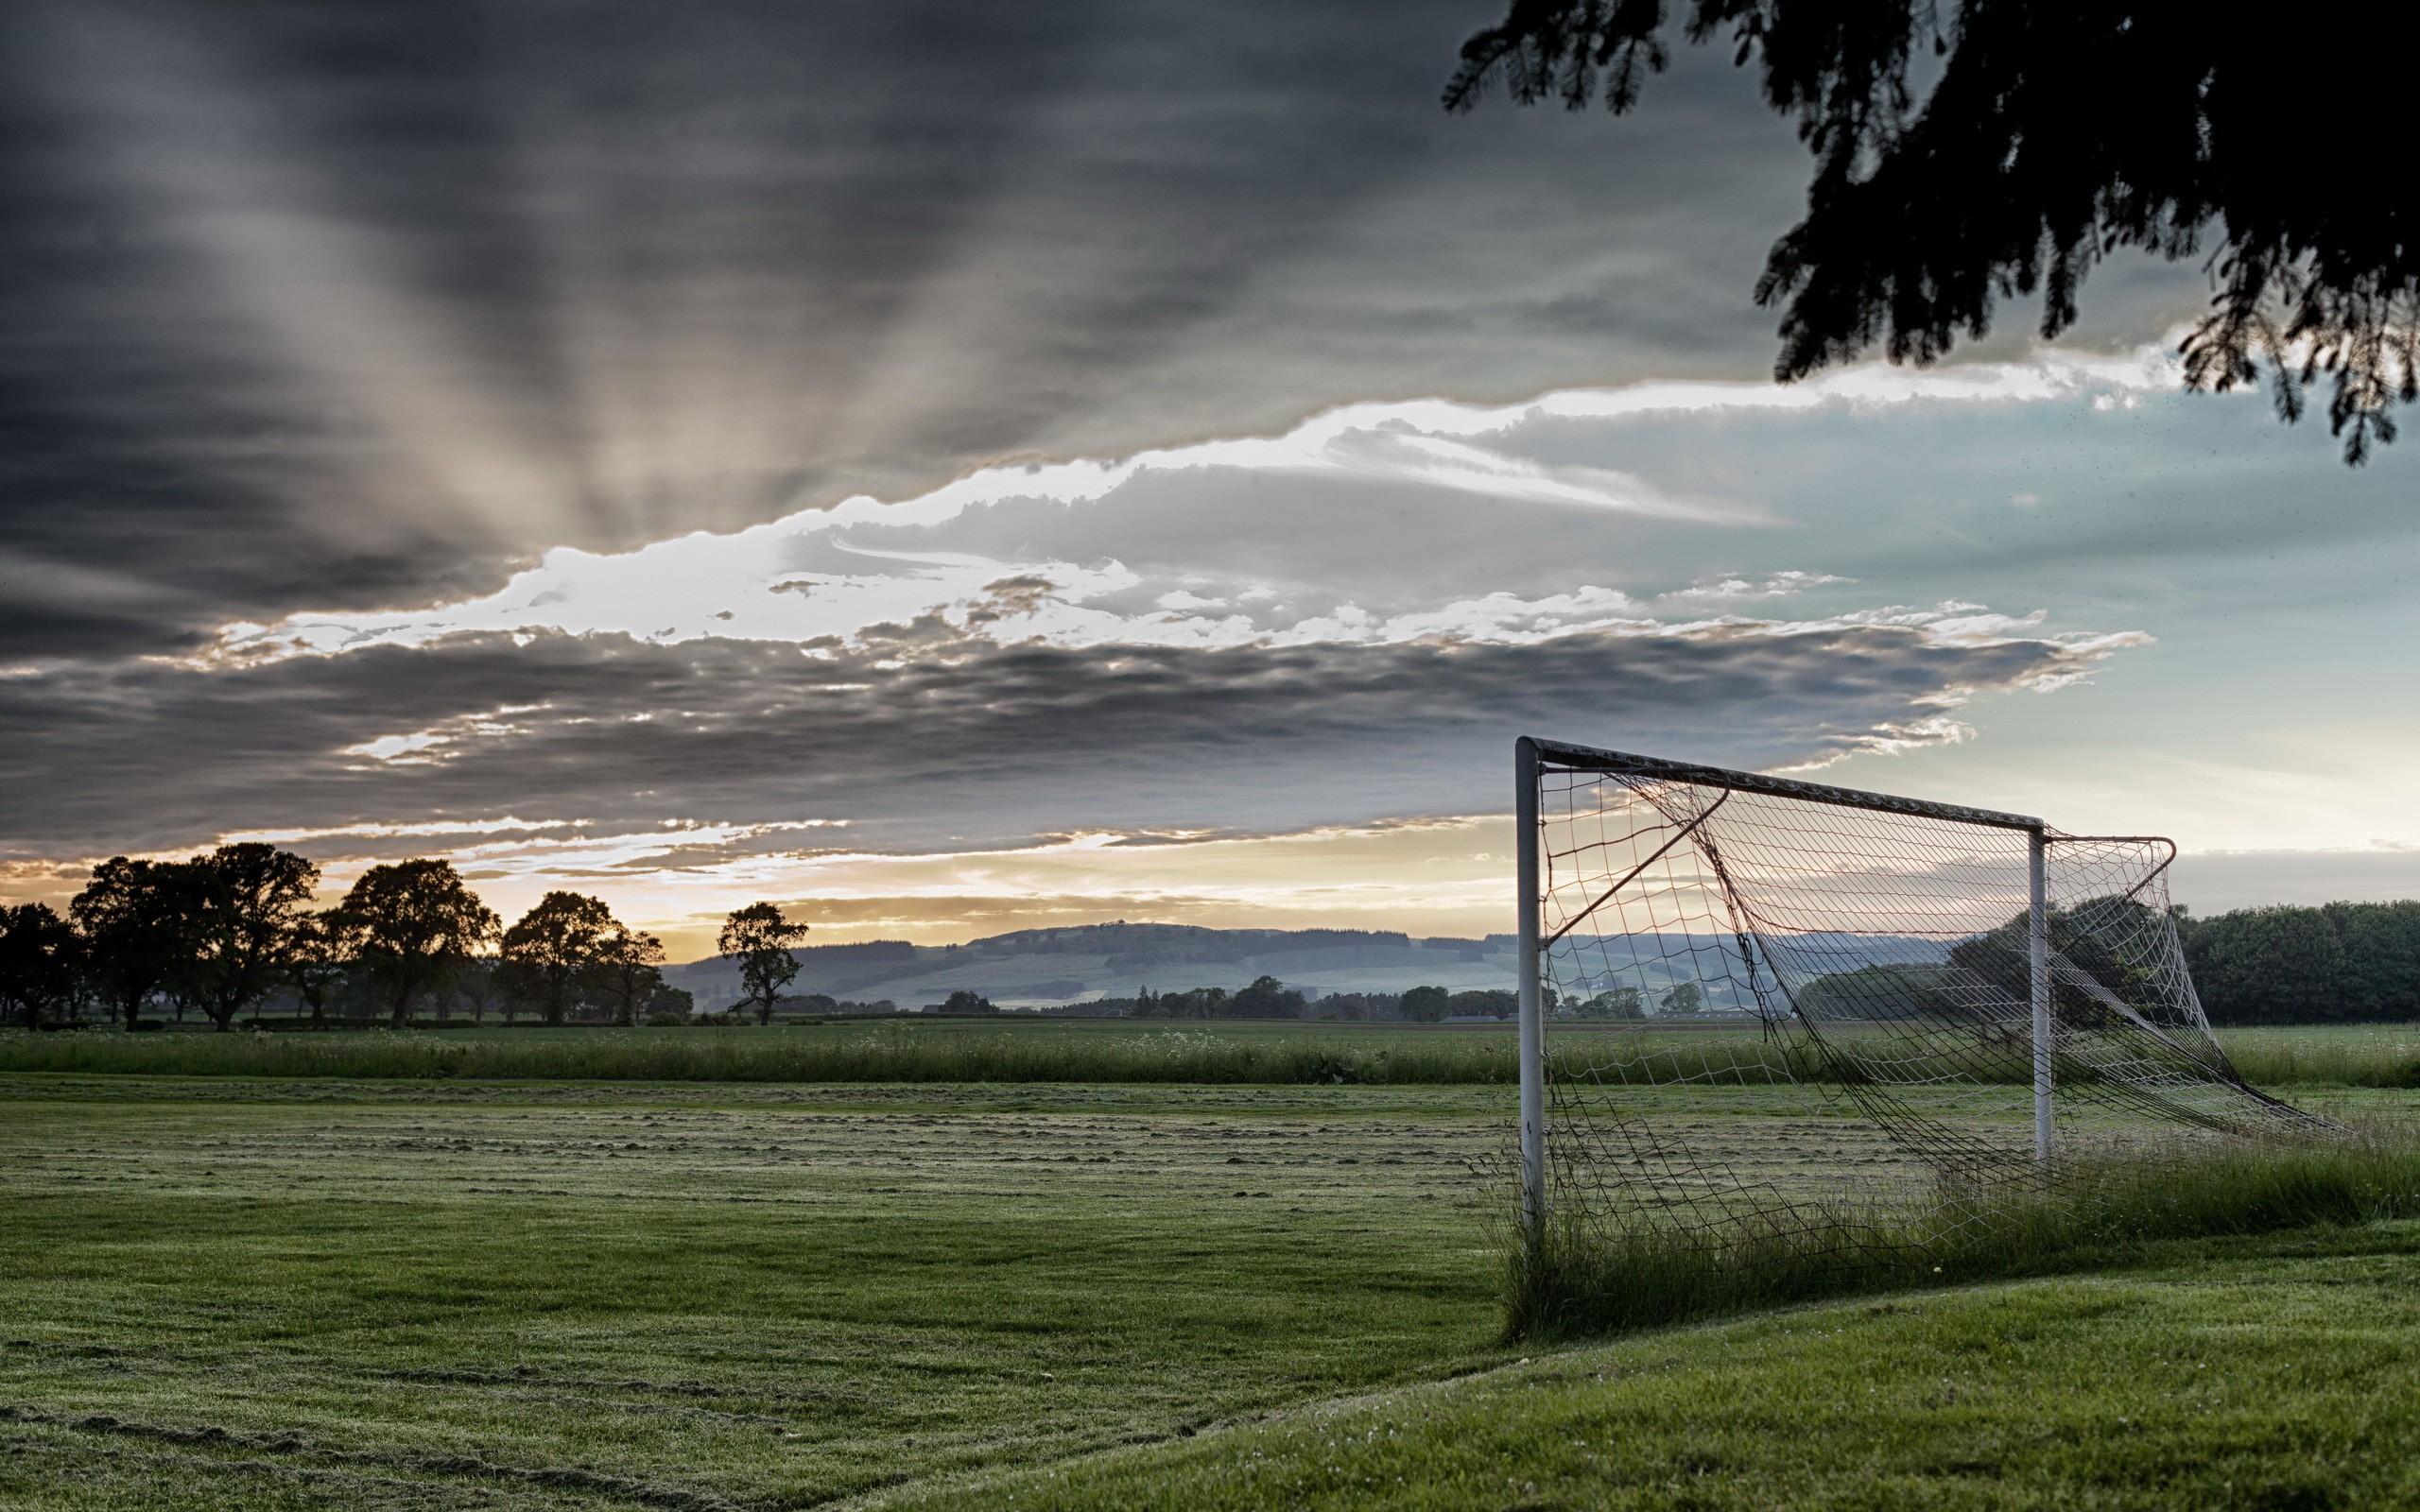 grass soccer field with goal. Wallpaper : Sunlight, Landscape, Goal, Sunset, Hill, Nature, Grass, Sky, Field, Clouds, Sunrise, Evening, Morning, Wind, Horizon, Soccer Pitches, Light, Grass Field With Goal